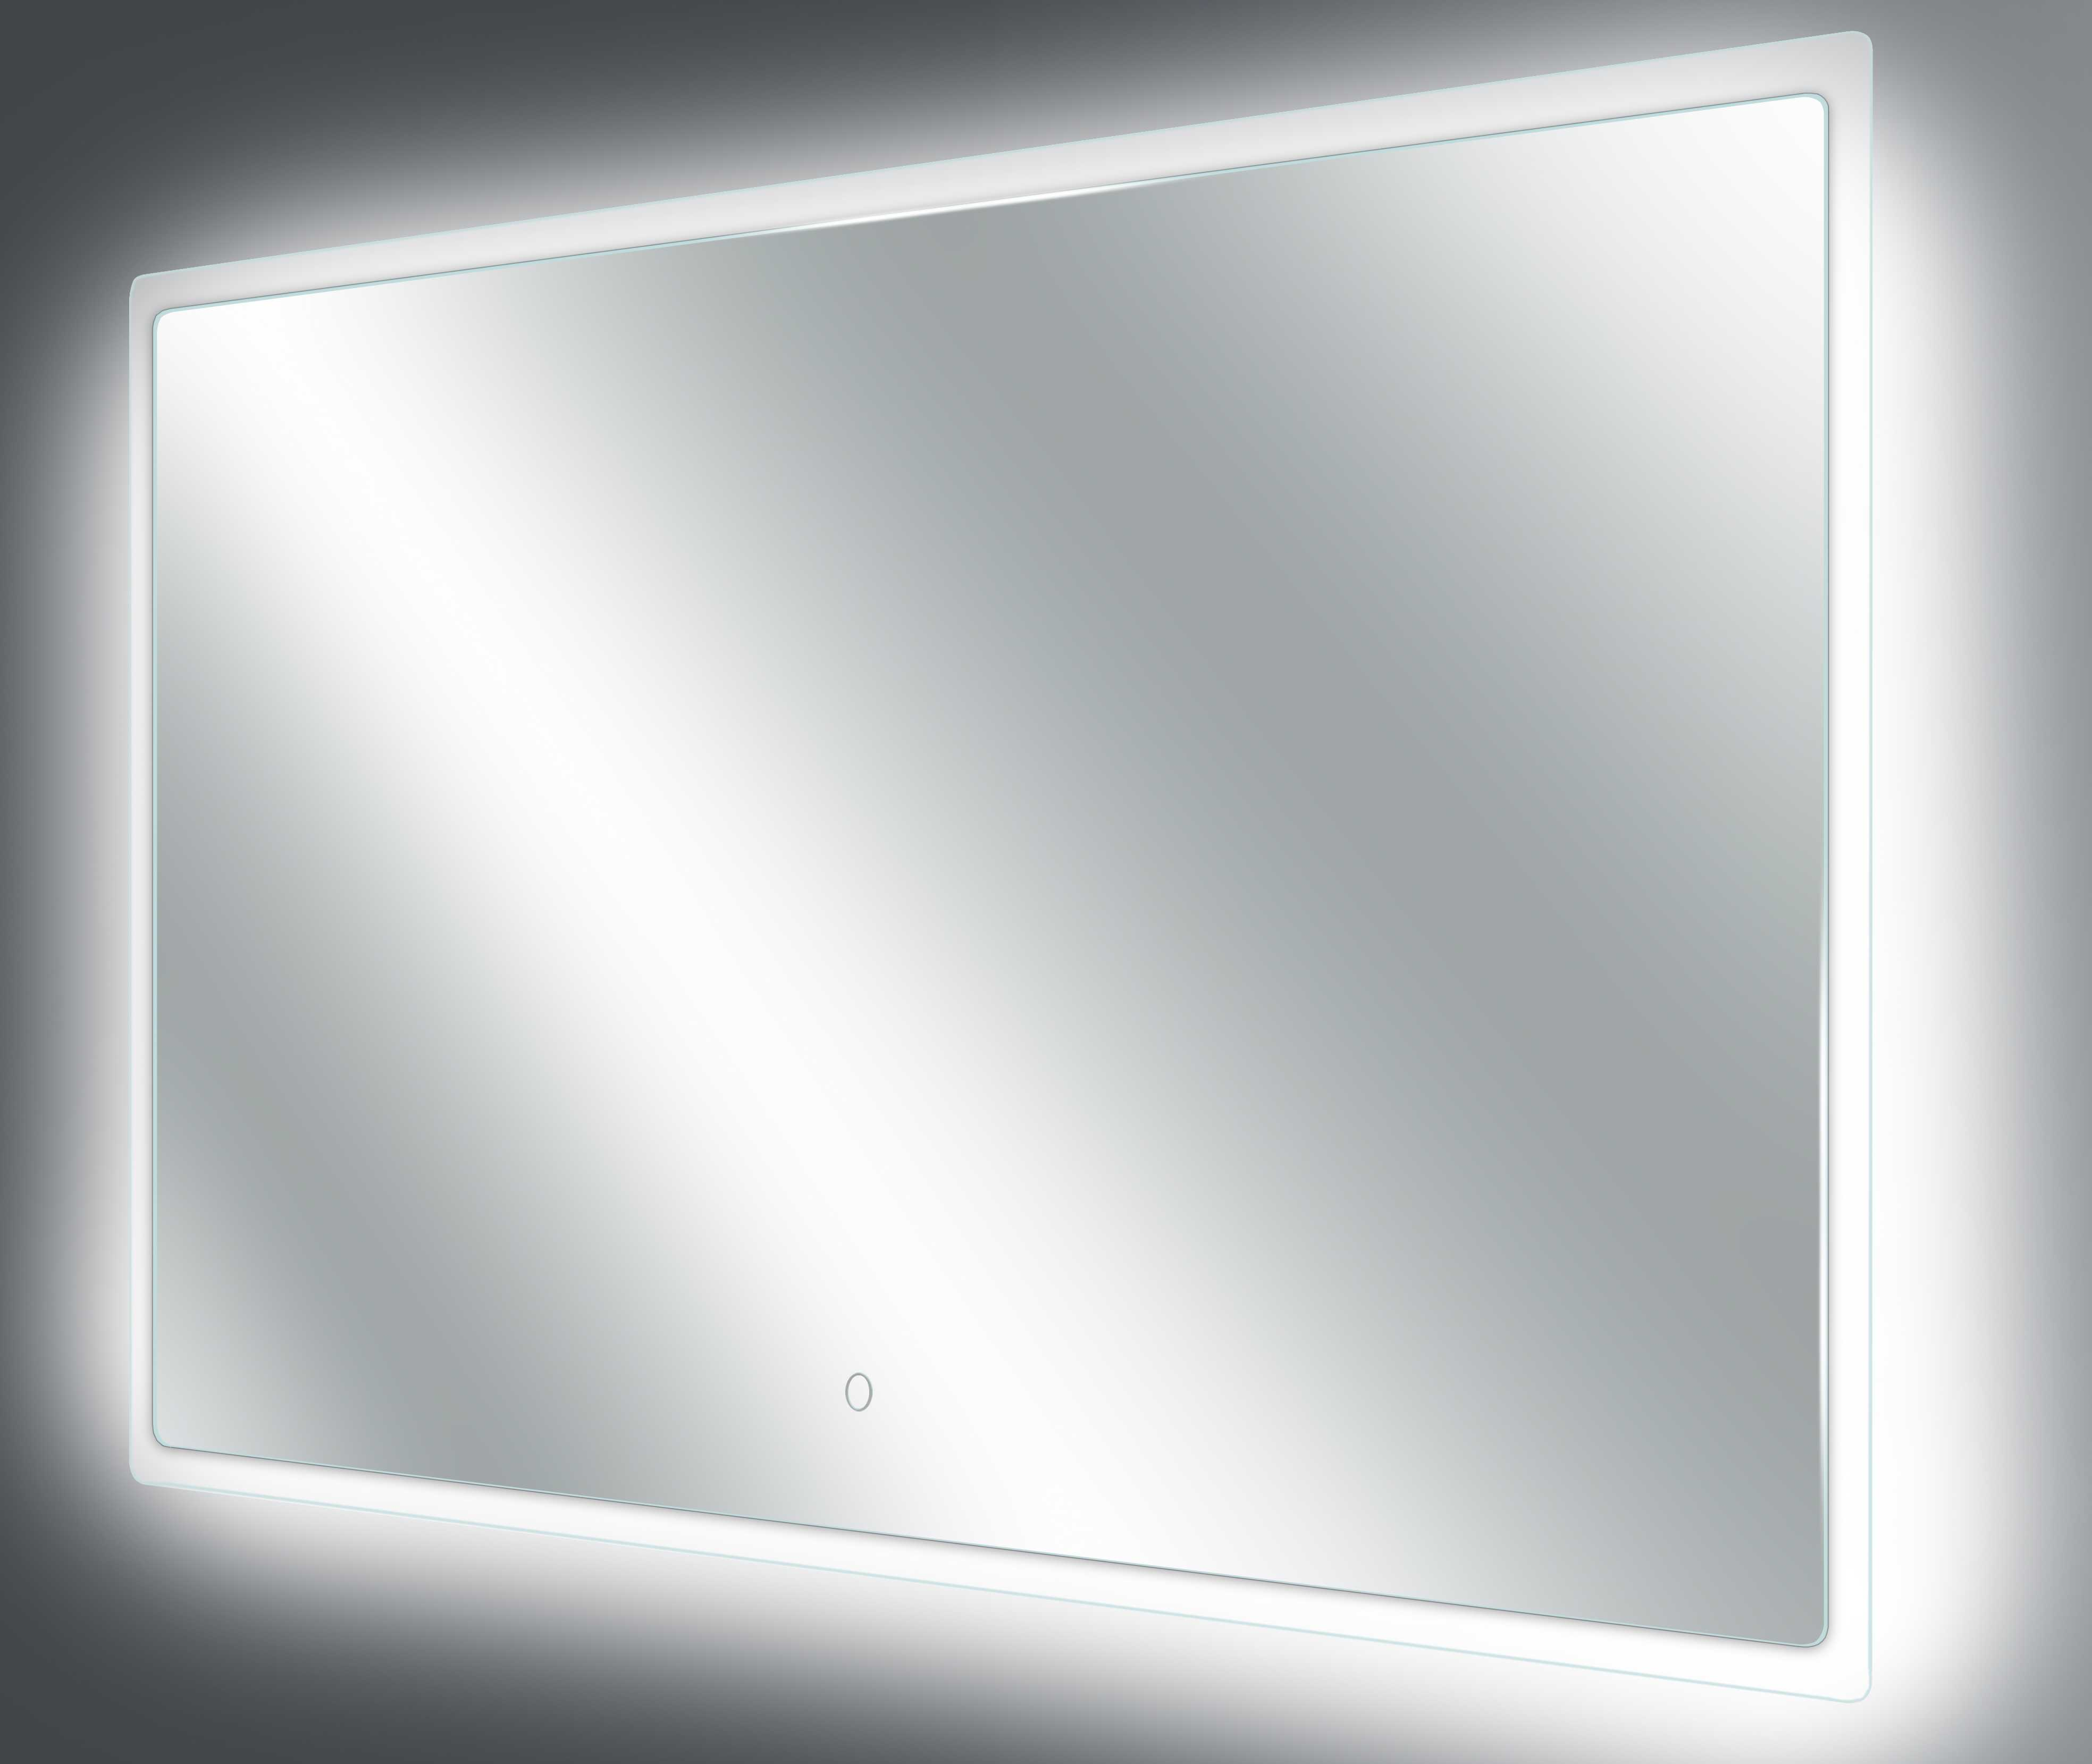 Spiegel mit beleuchtung  IVR Lux Spiegel mit LED Beleuchtung